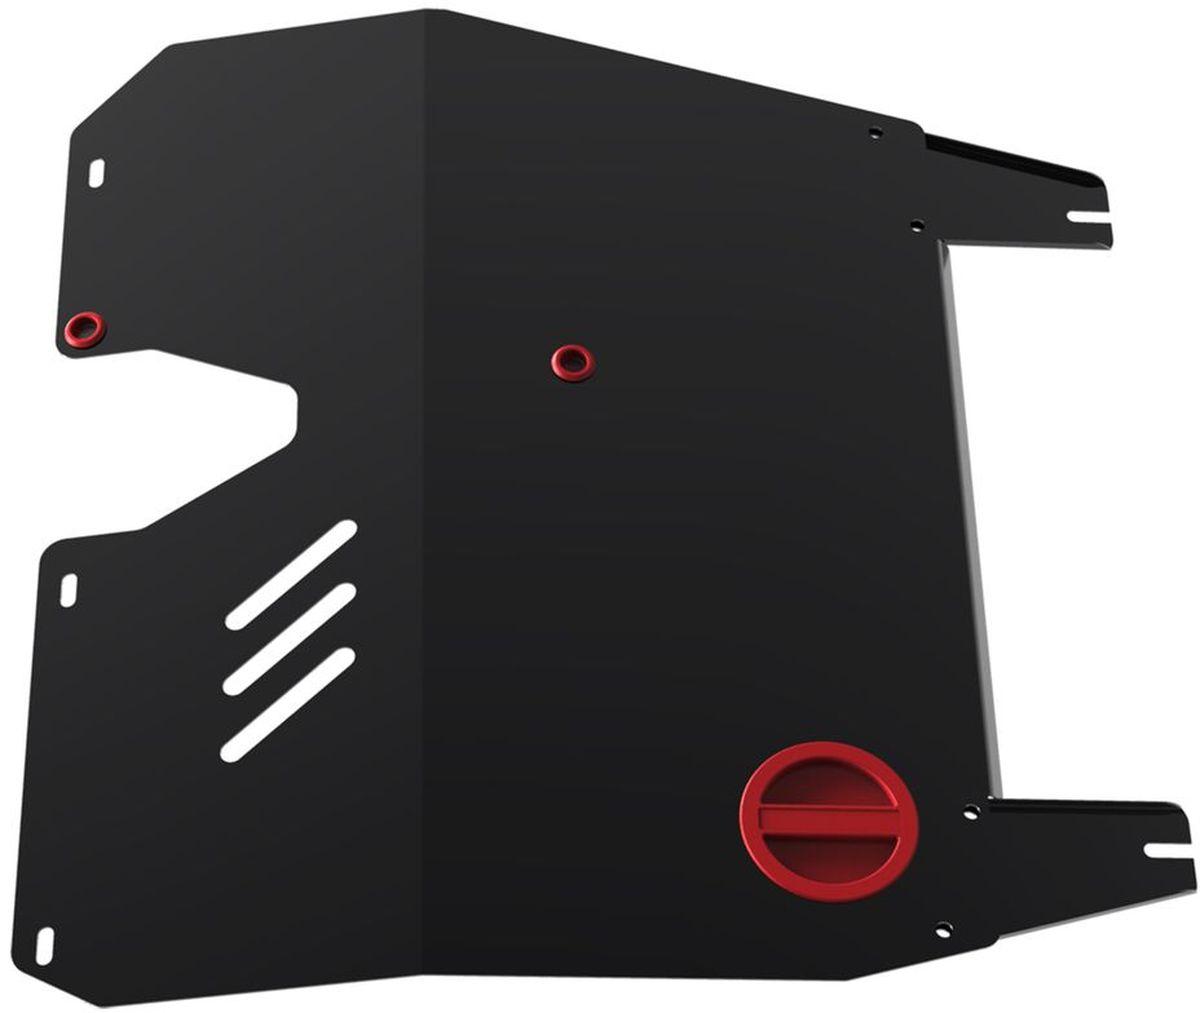 Защита картера и КПП Автоброня Mitsubishi Lancer IX 2003-2009, сталь 2 мм111.04002.3Защита картера и КПП Автоброня Mitsubishi Lancer IX, V - 1,6 2003-2009, сталь 2 мм, комплект крепежа, 111.04002.3Стальные защиты Автоброня надежно защищают ваш автомобиль от повреждений при наезде на бордюры, выступающие канализационные люки, кромки поврежденного асфальта или при ремонте дорог, не говоря уже о загородных дорогах.- Имеют оптимальное соотношение цена-качество.- Спроектированы с учетом особенностей автомобиля, что делает установку удобной.- Защита устанавливается в штатные места кузова автомобиля.- Является надежной защитой для важных элементов на протяжении долгих лет.- Глубокий штамп дополнительно усиливает конструкцию защиты.- Подштамповка в местах крепления защищает крепеж от срезания.- Технологические отверстия там, где они необходимы для смены масла и слива воды, оборудованные заглушками, закрепленными на защите.Толщина стали 2 мм.В комплекте крепеж и инструкция по установке.